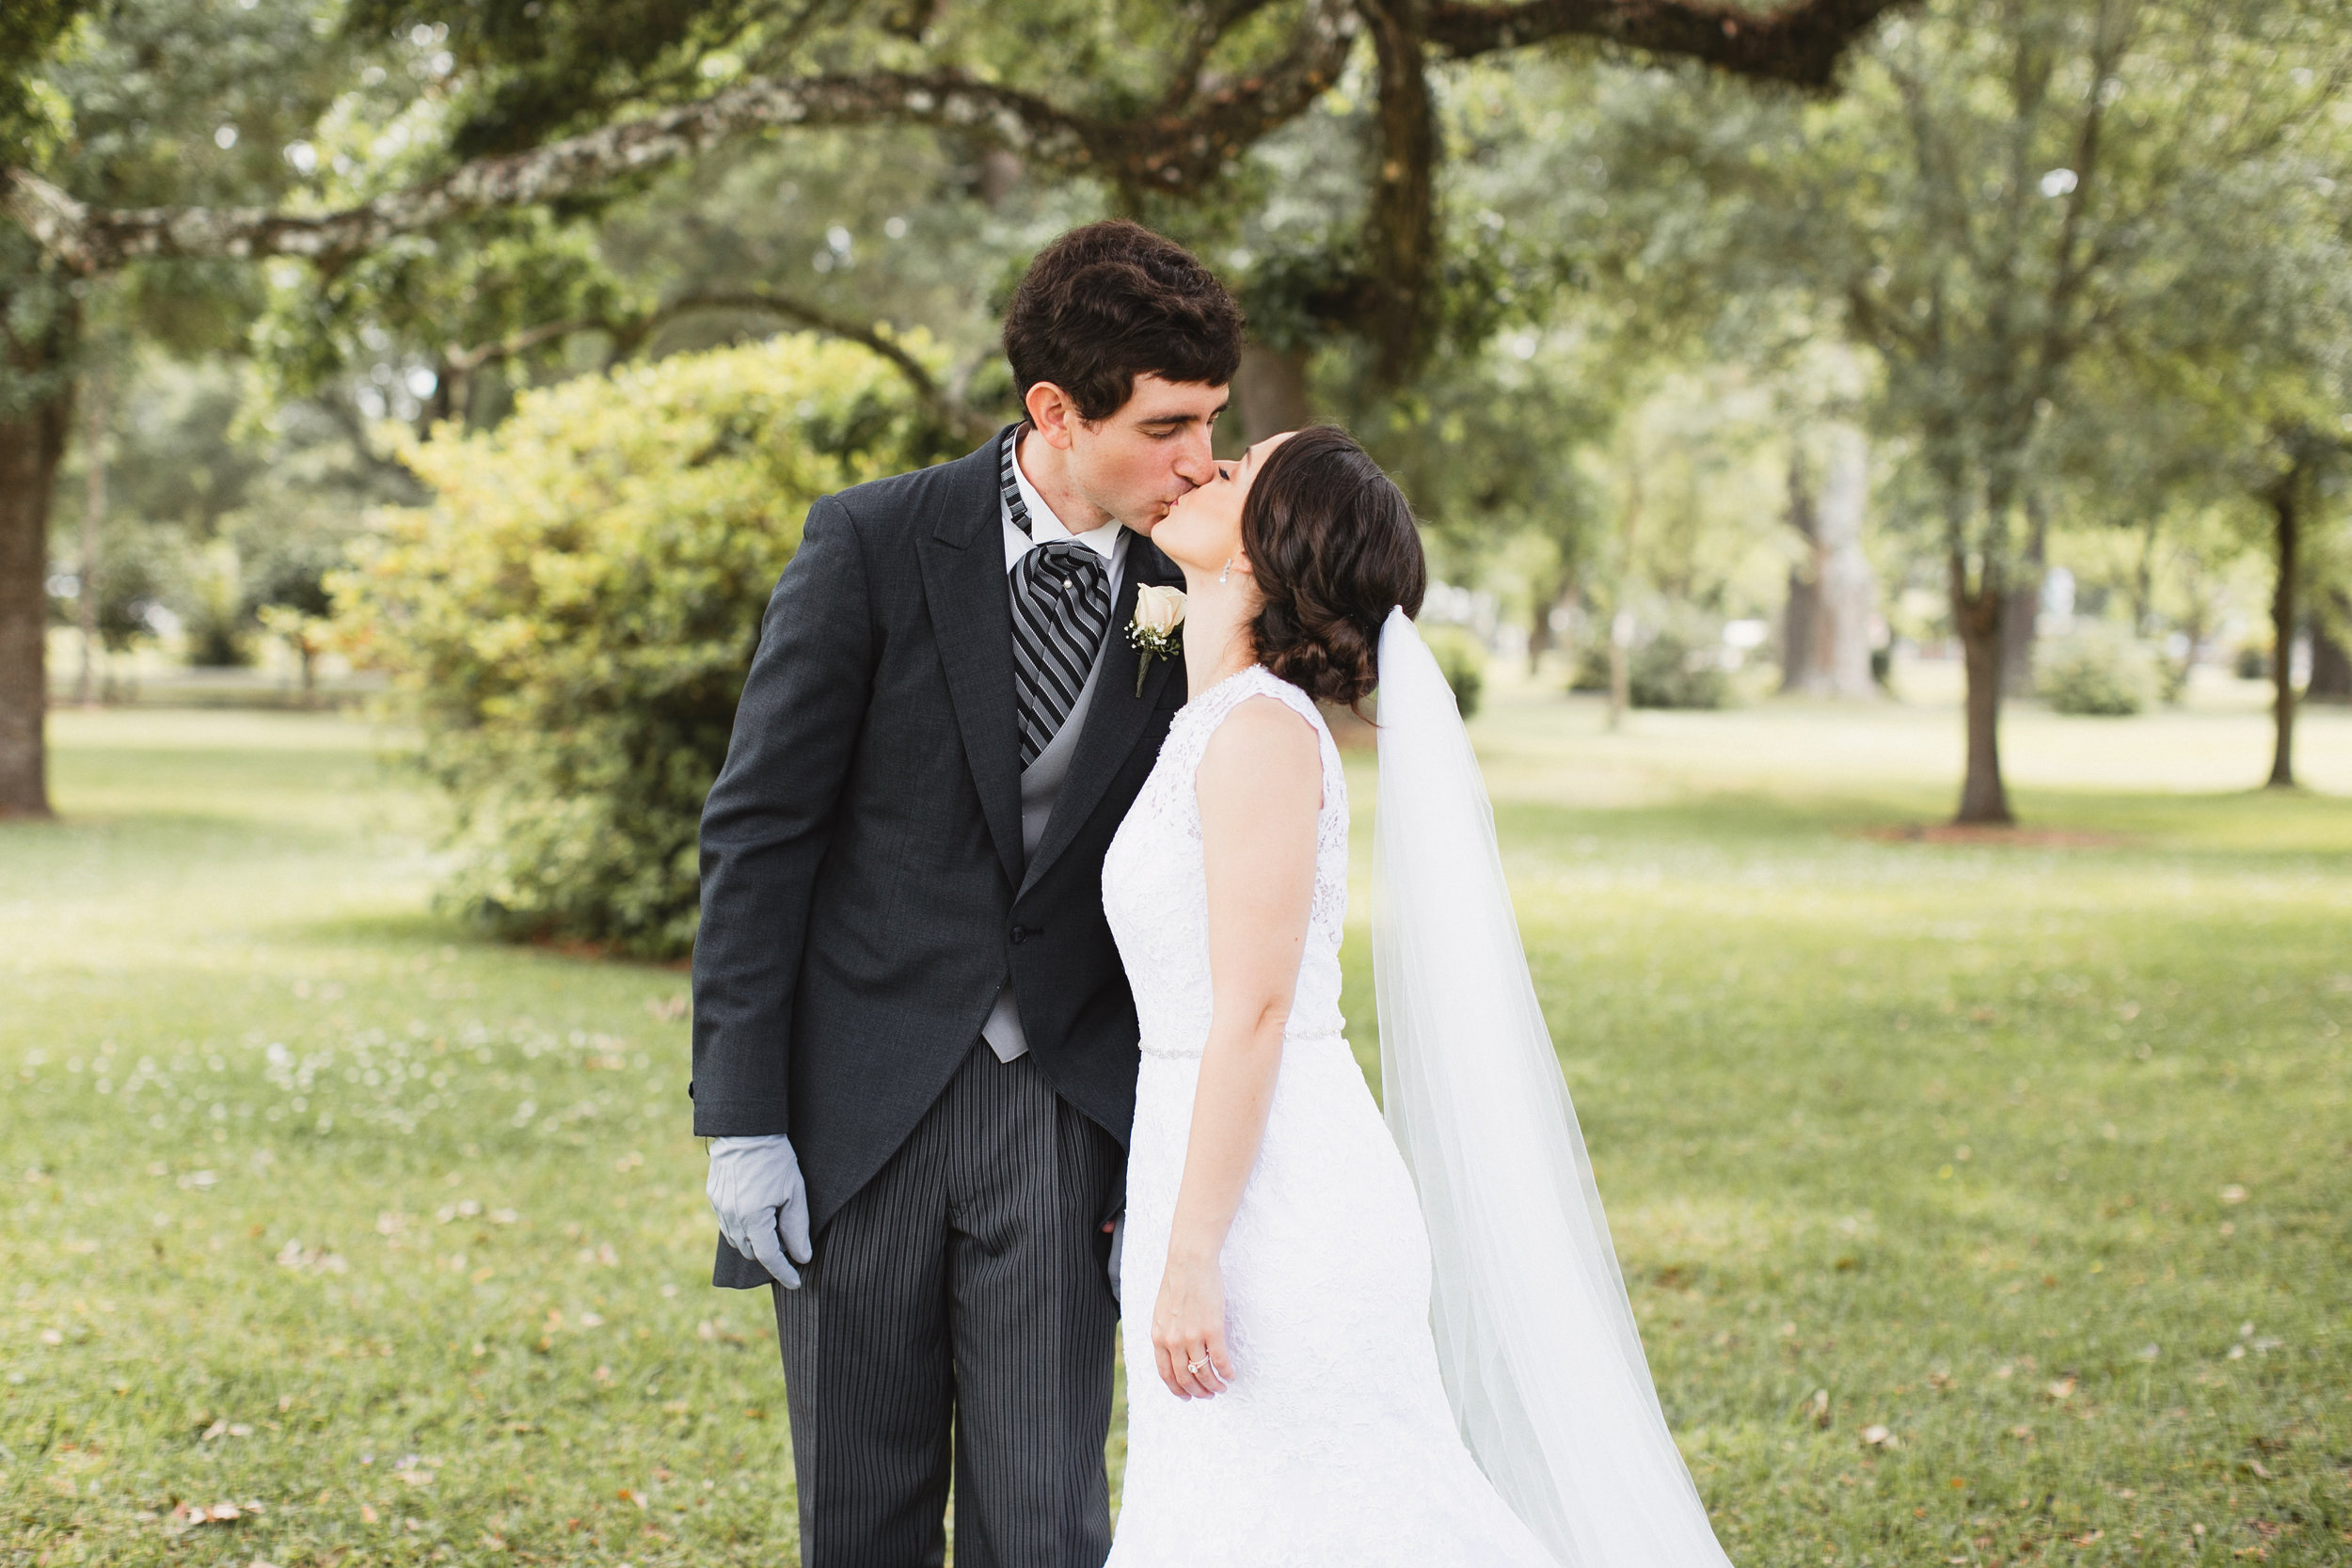 Ducote_Naccari_wedding_0511.jpg